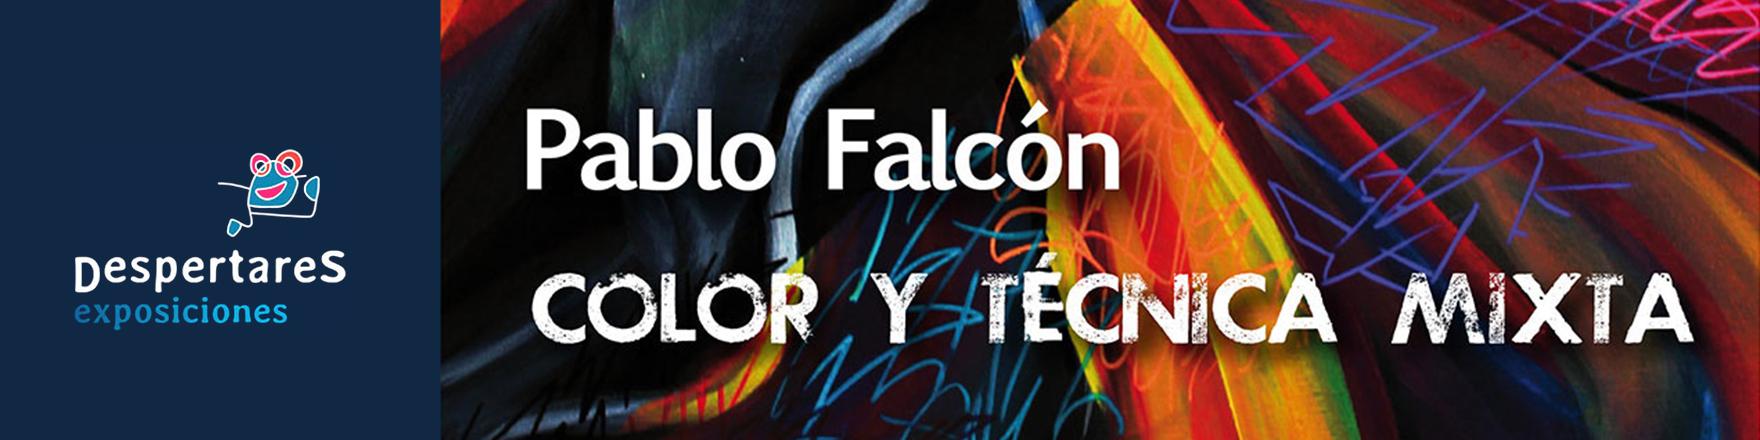 Pablo Falcón